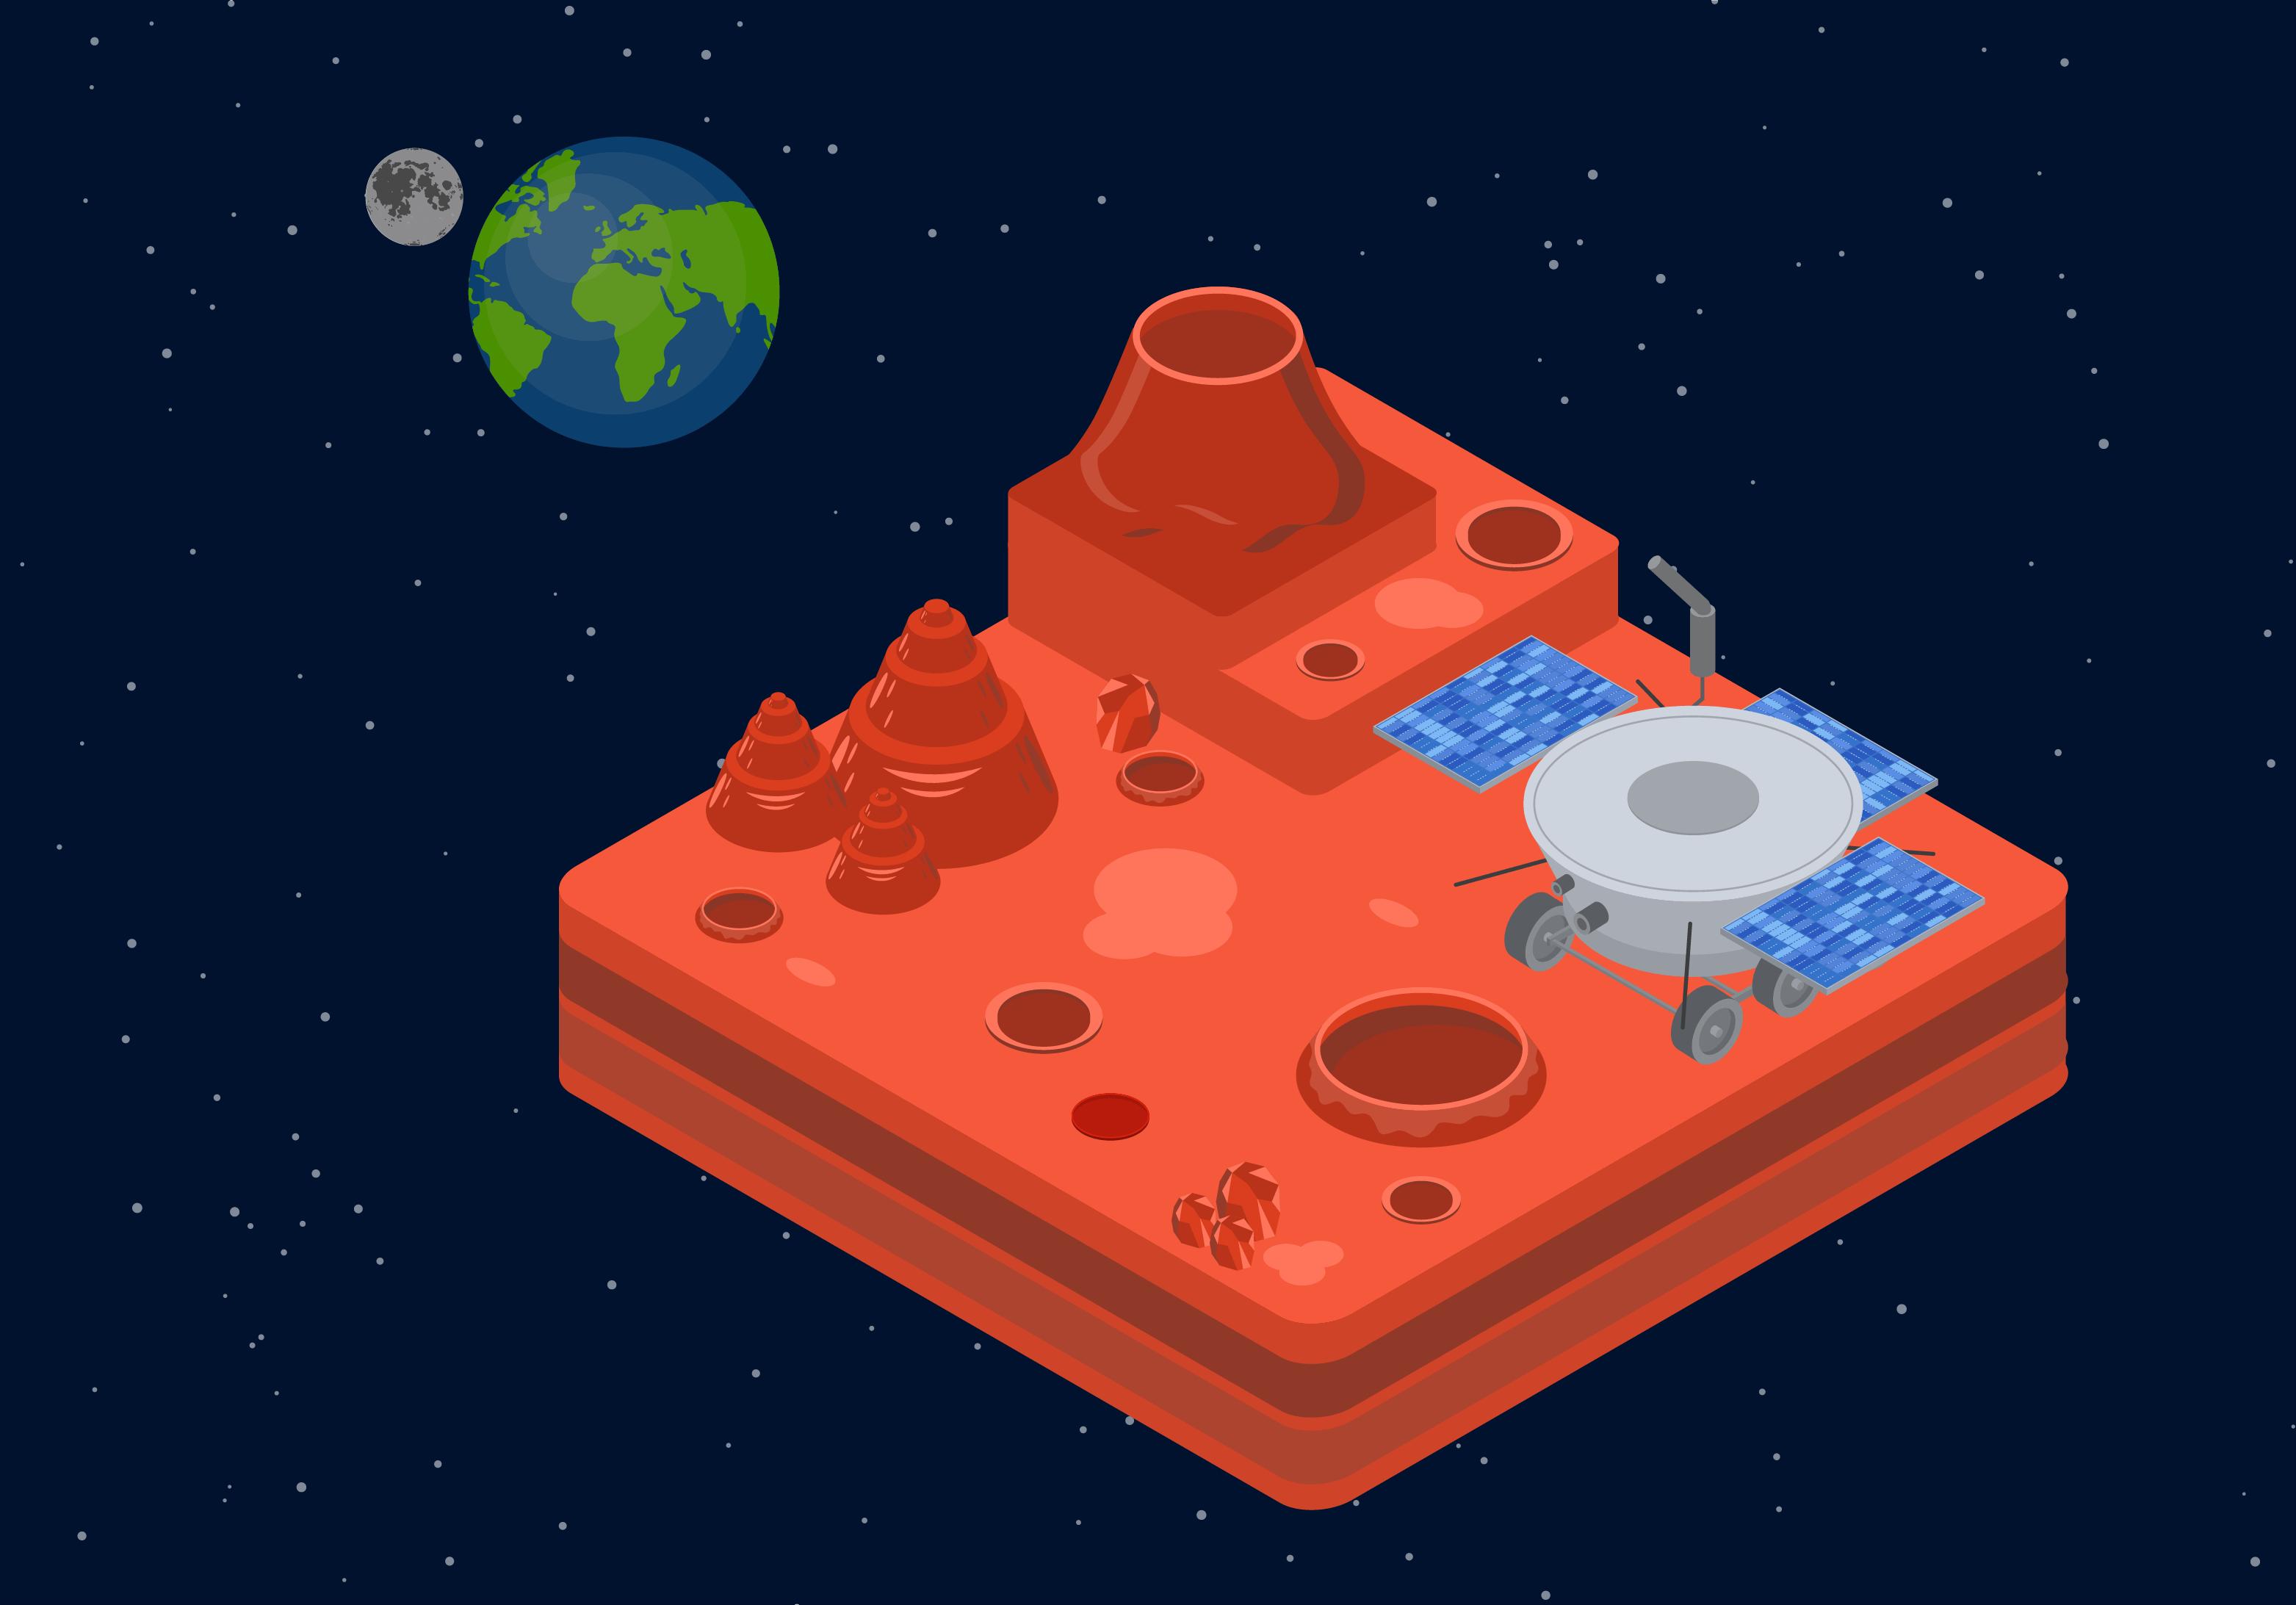 Ilustración isométrica de Marte con una sonda exploradora y, de fondo, la Tierra y la Luna.